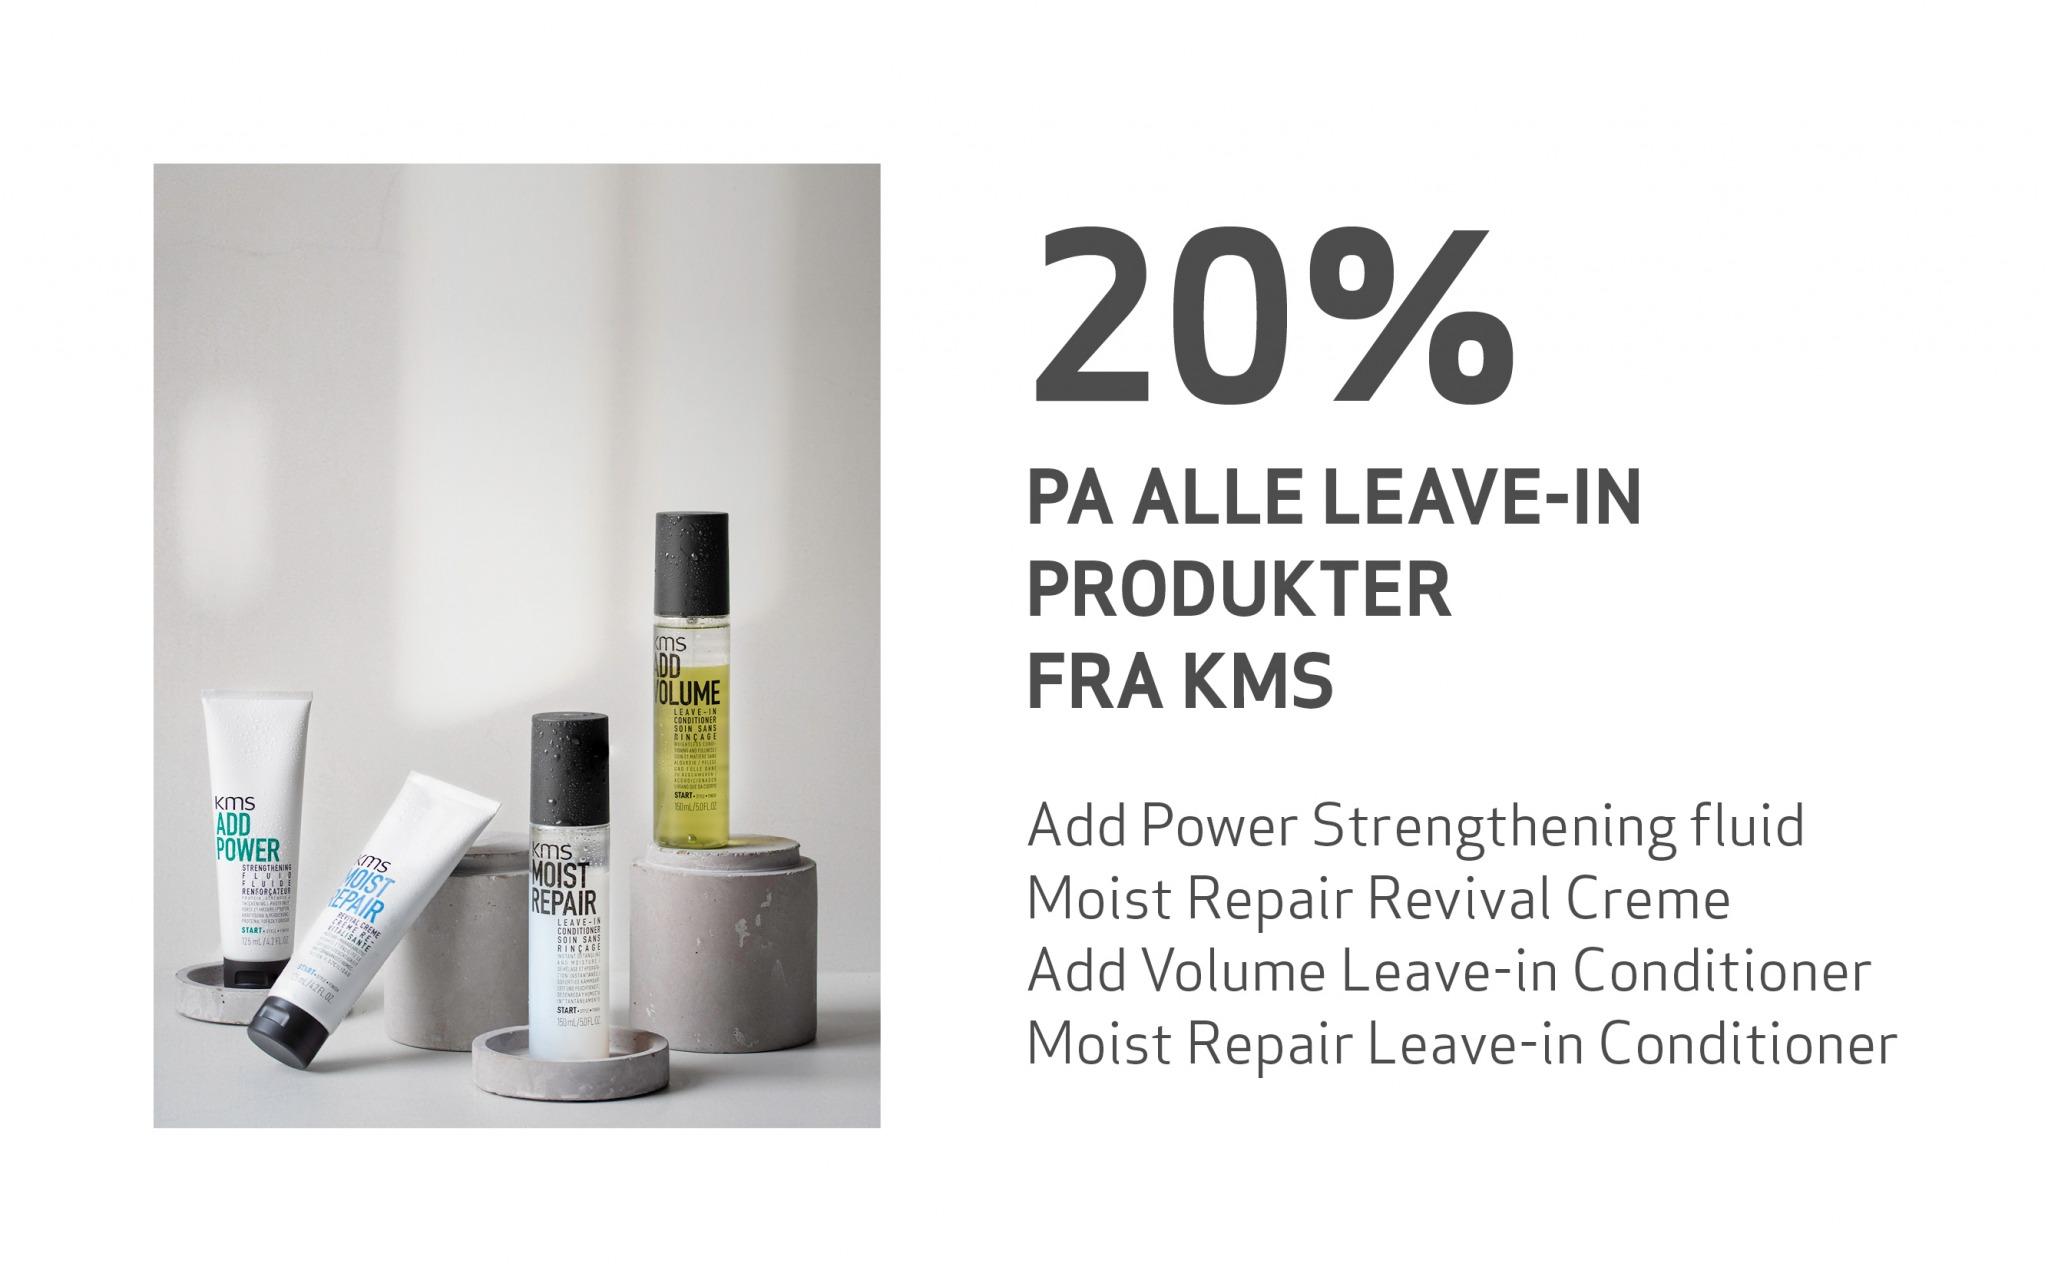 Et utvalg leave-in hårprodukter stilt opp sammen